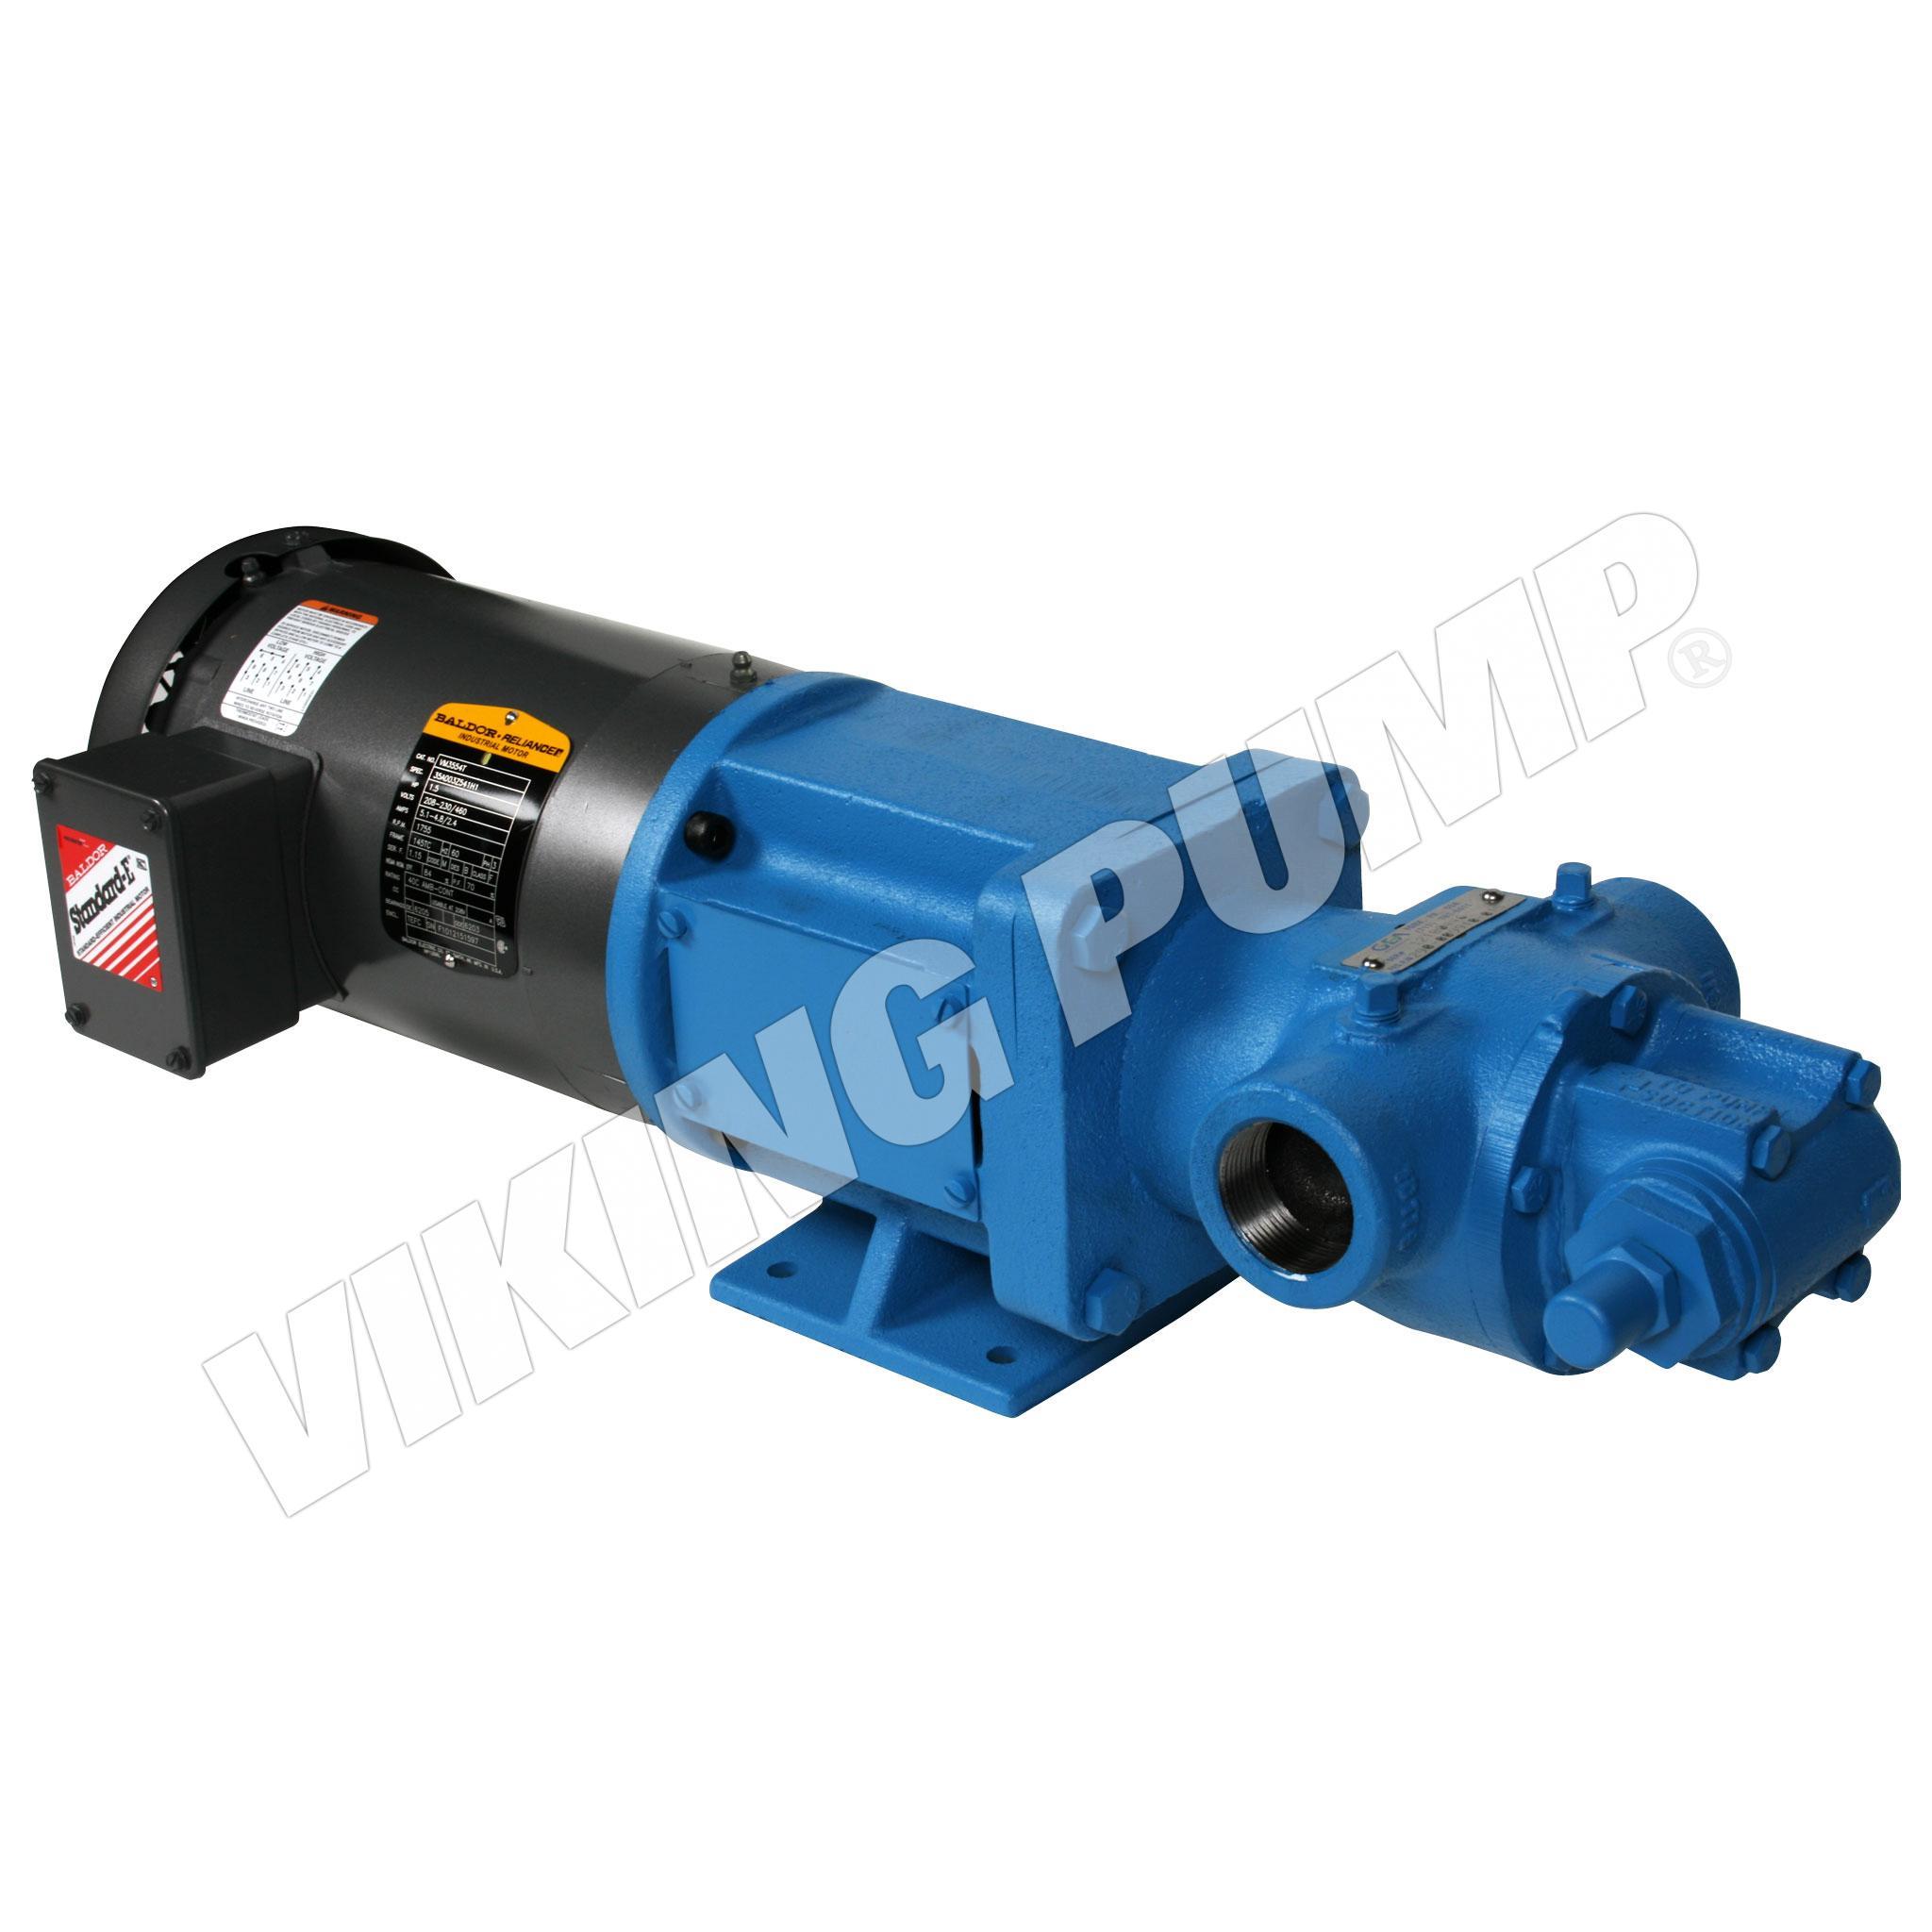 Model H495, Mechanical Seal, Relief Valve, M Drive Pump Unit